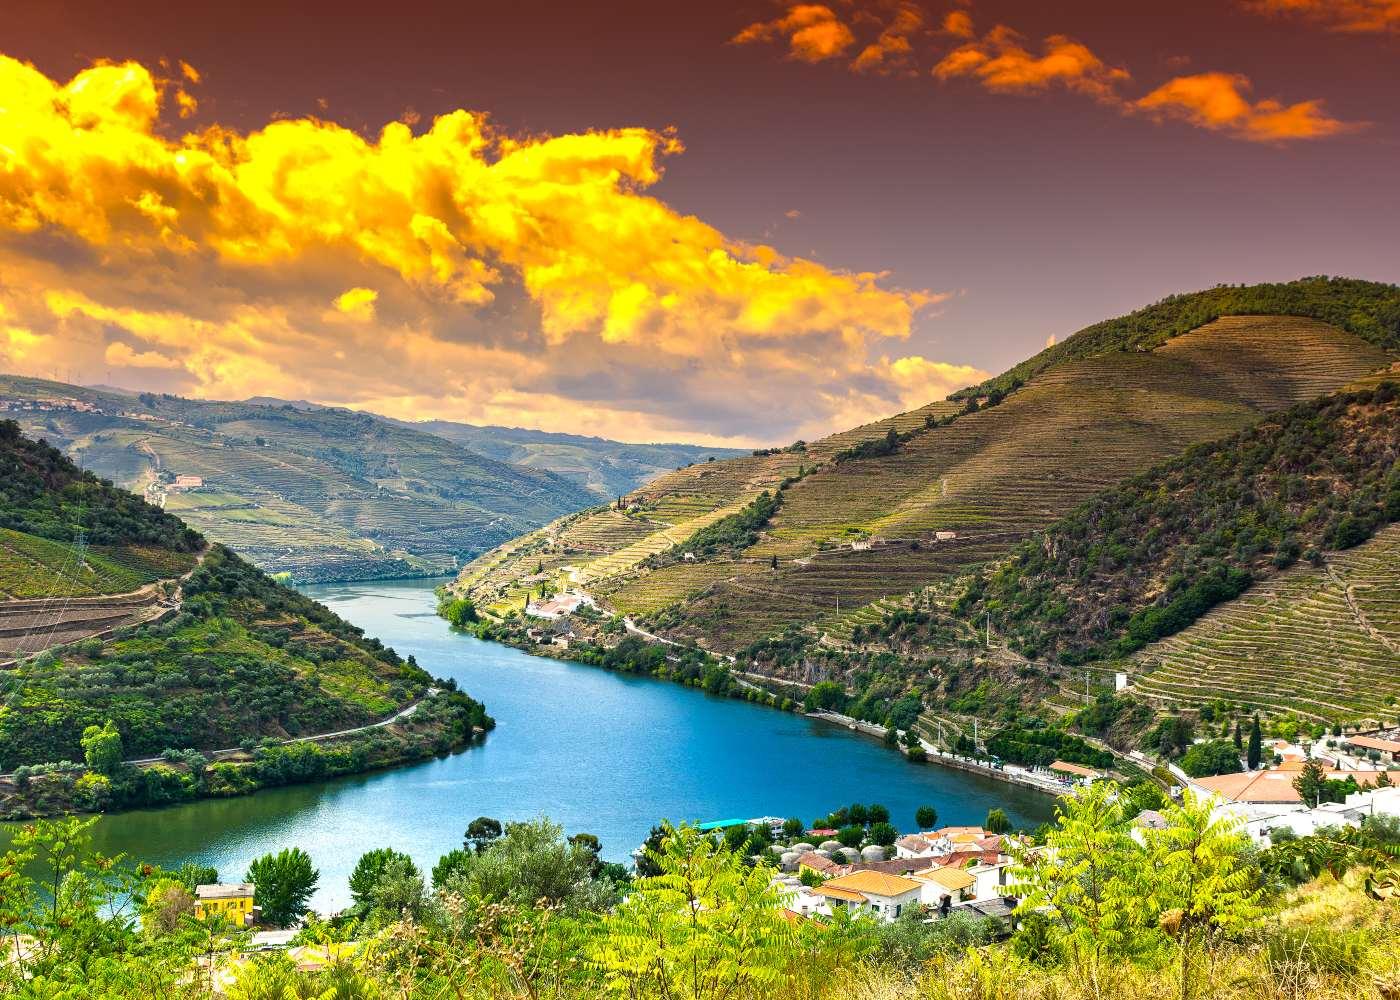 Paisagem do Douro vinhateiro para conhecer Portugal